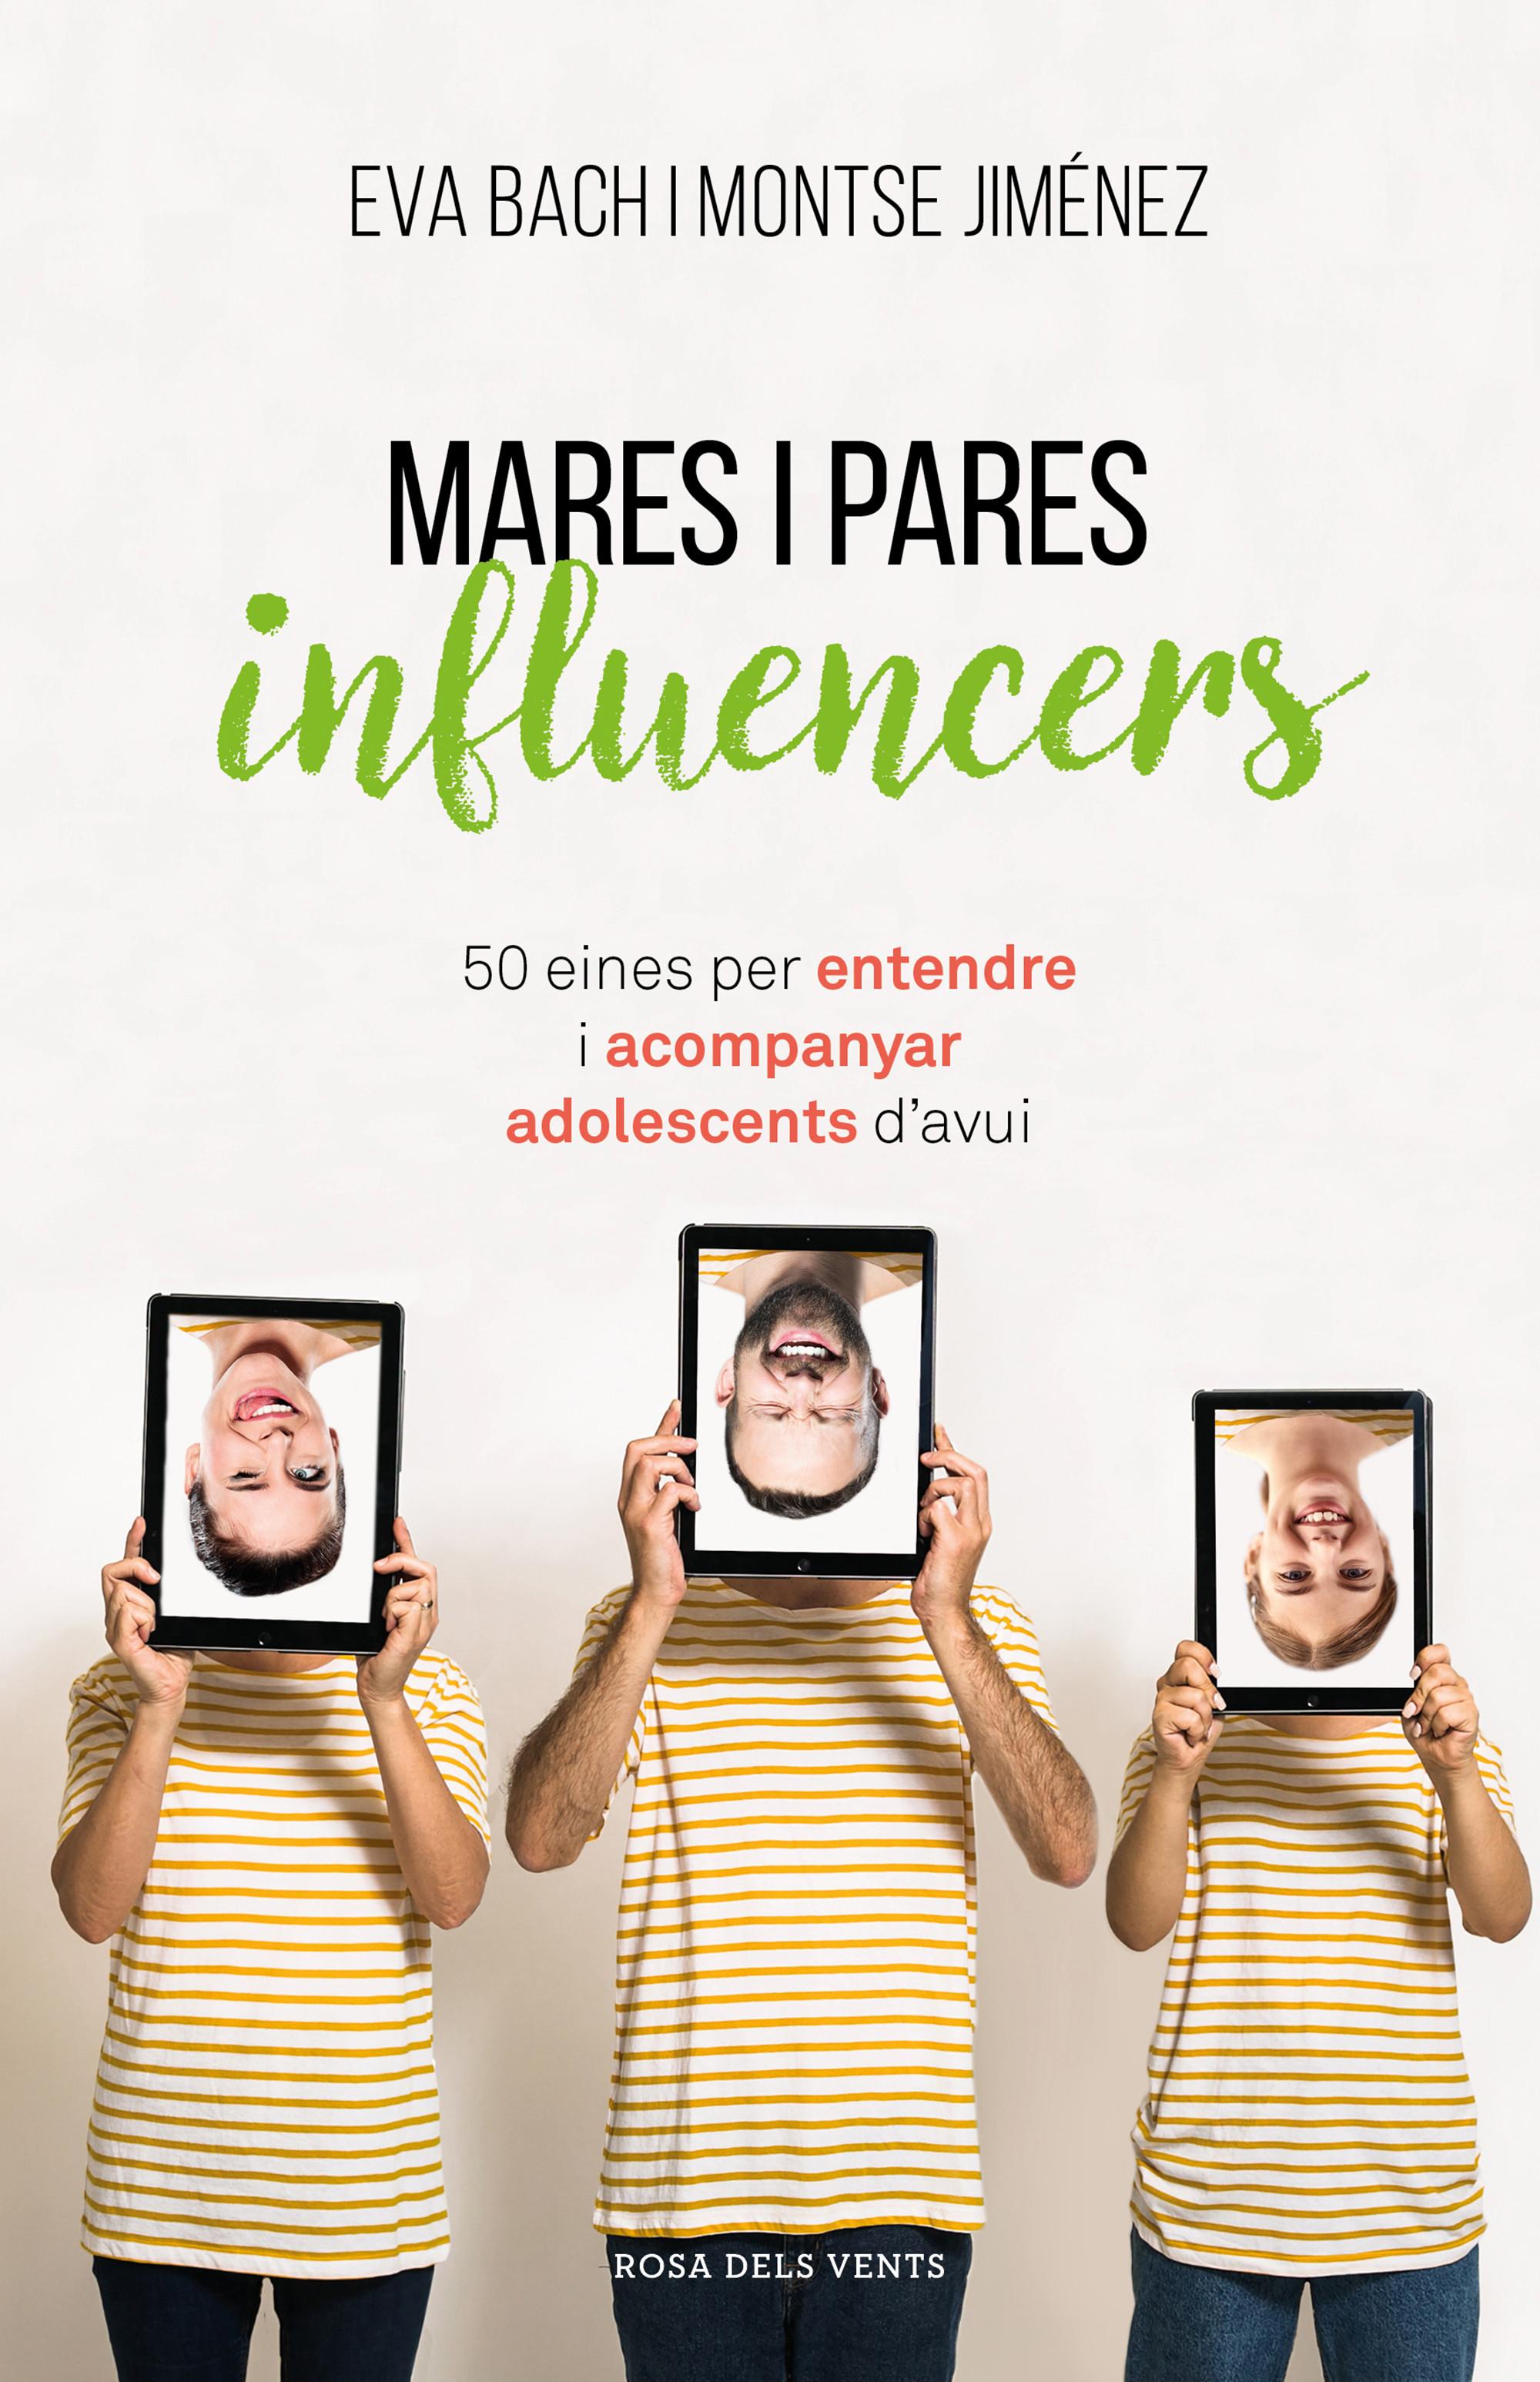 Mares i pares influencers